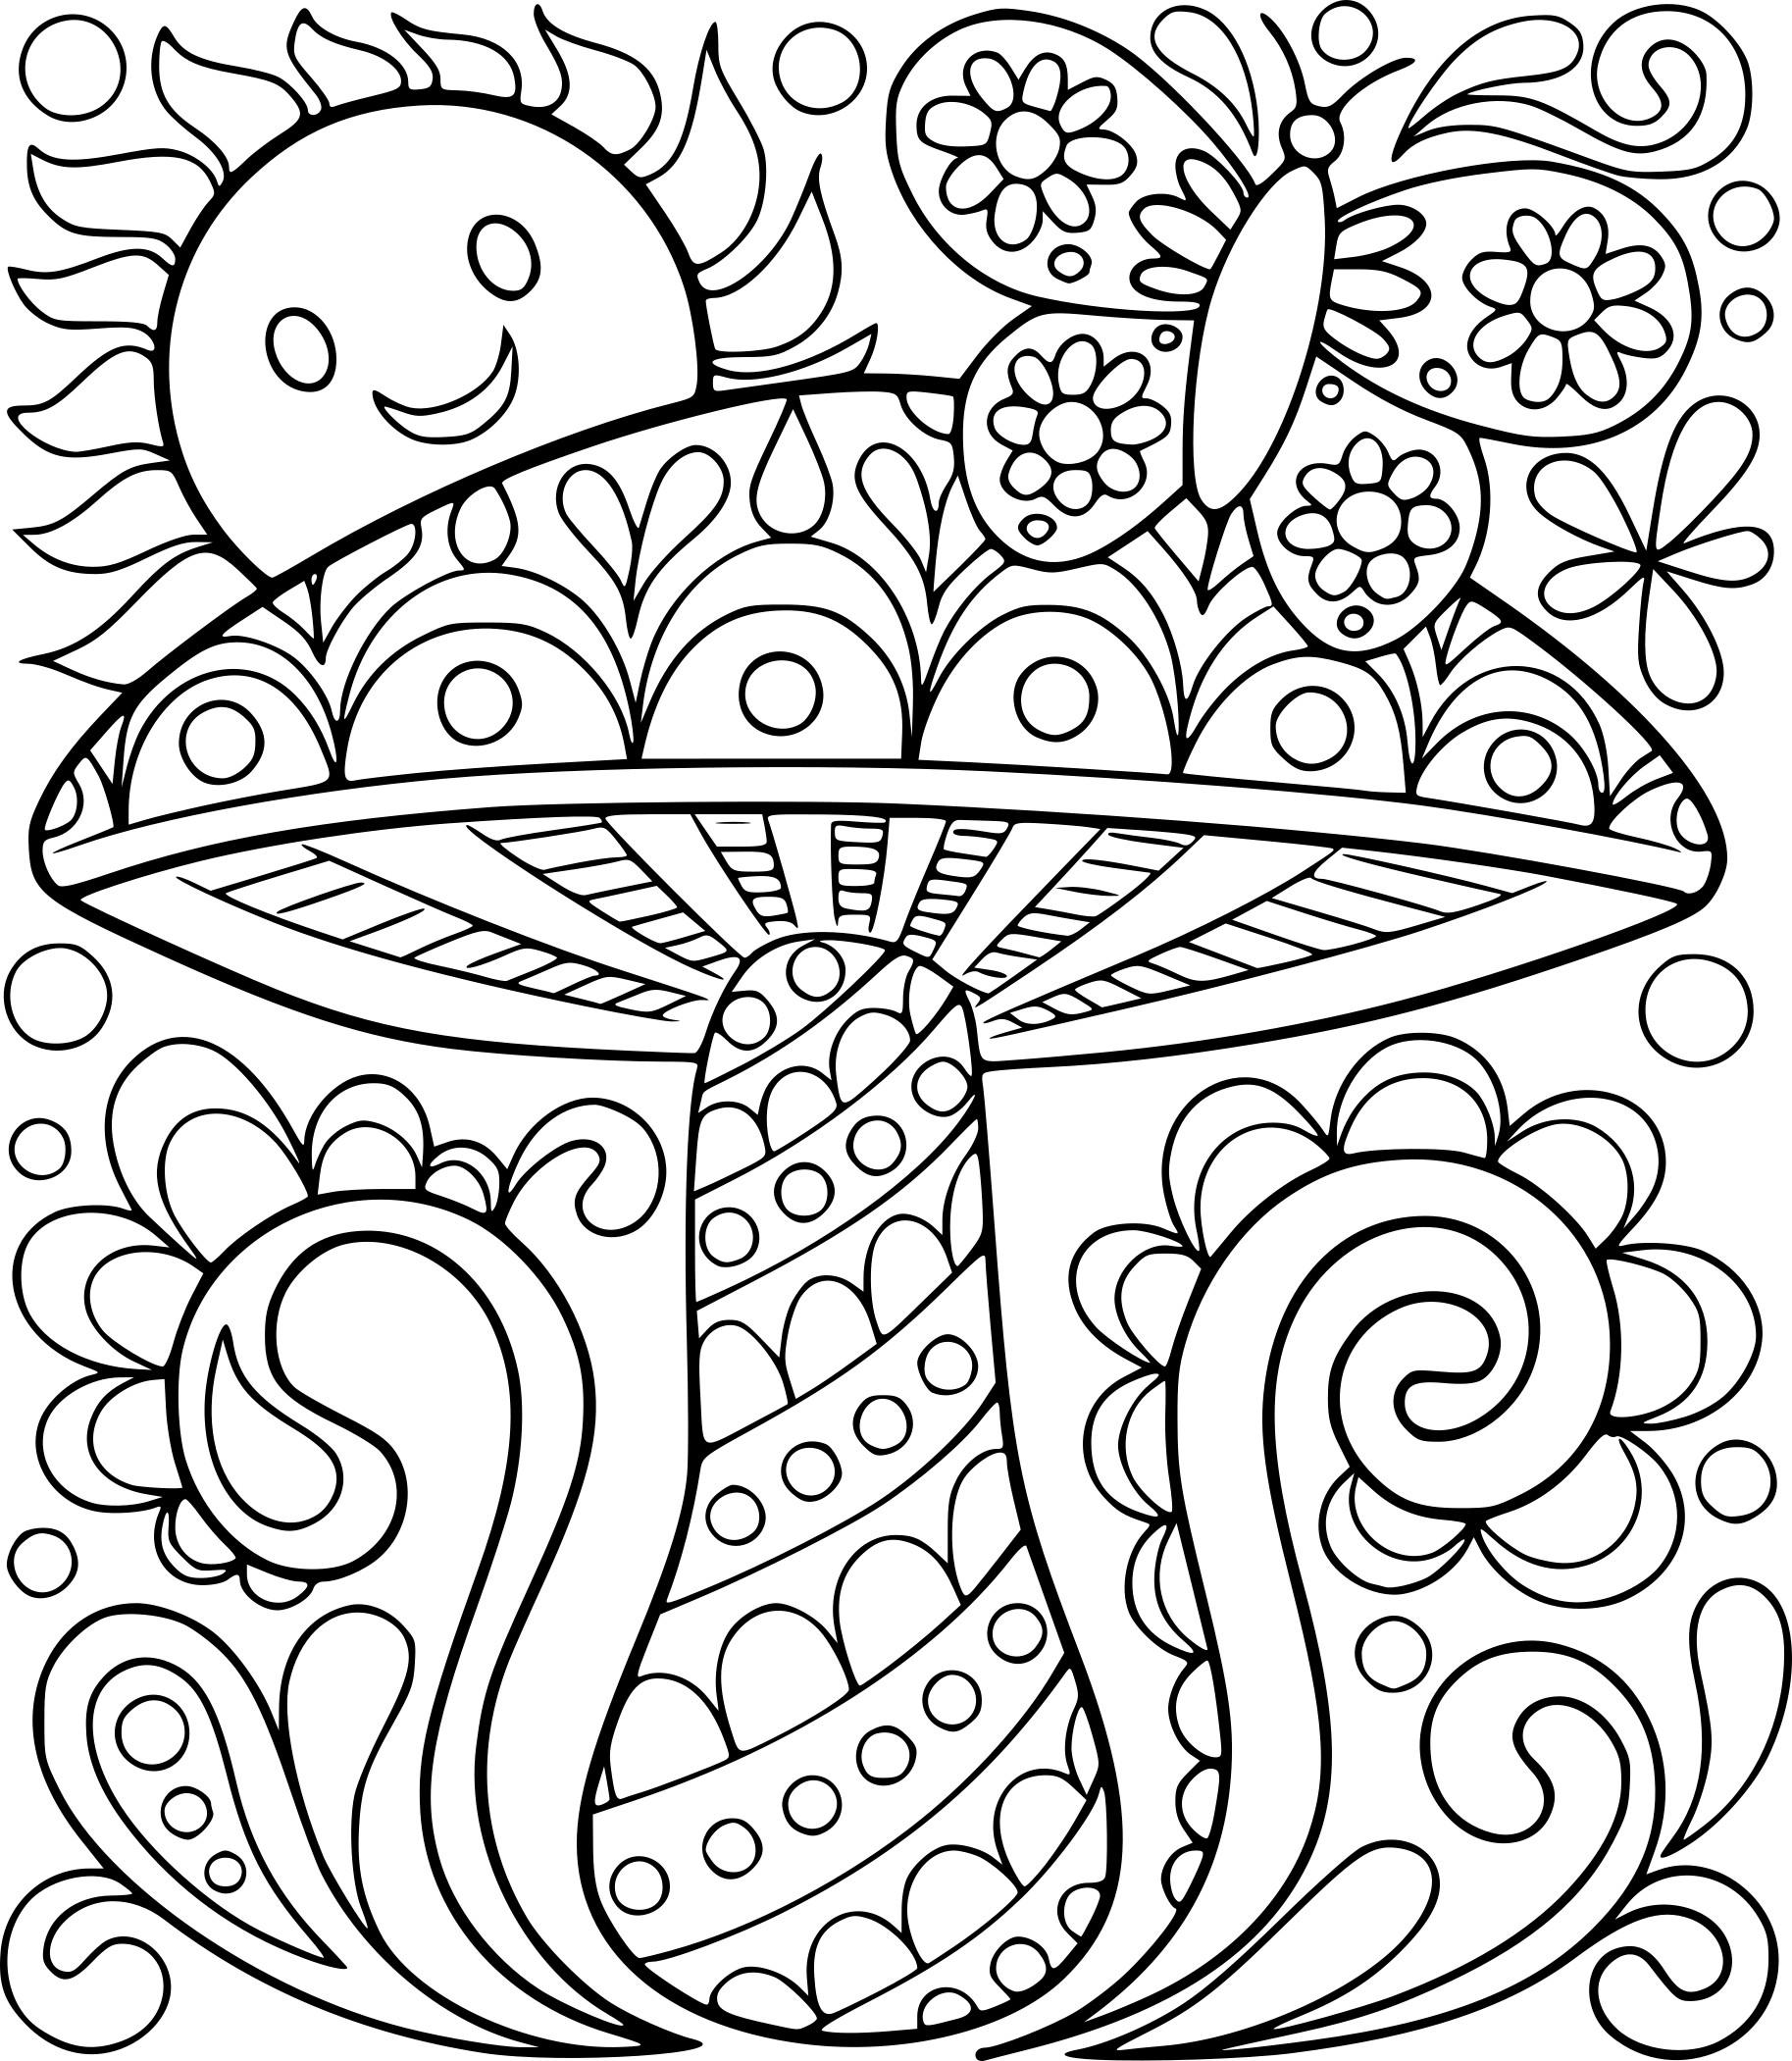 Coloriage adulte champignon à imprimer